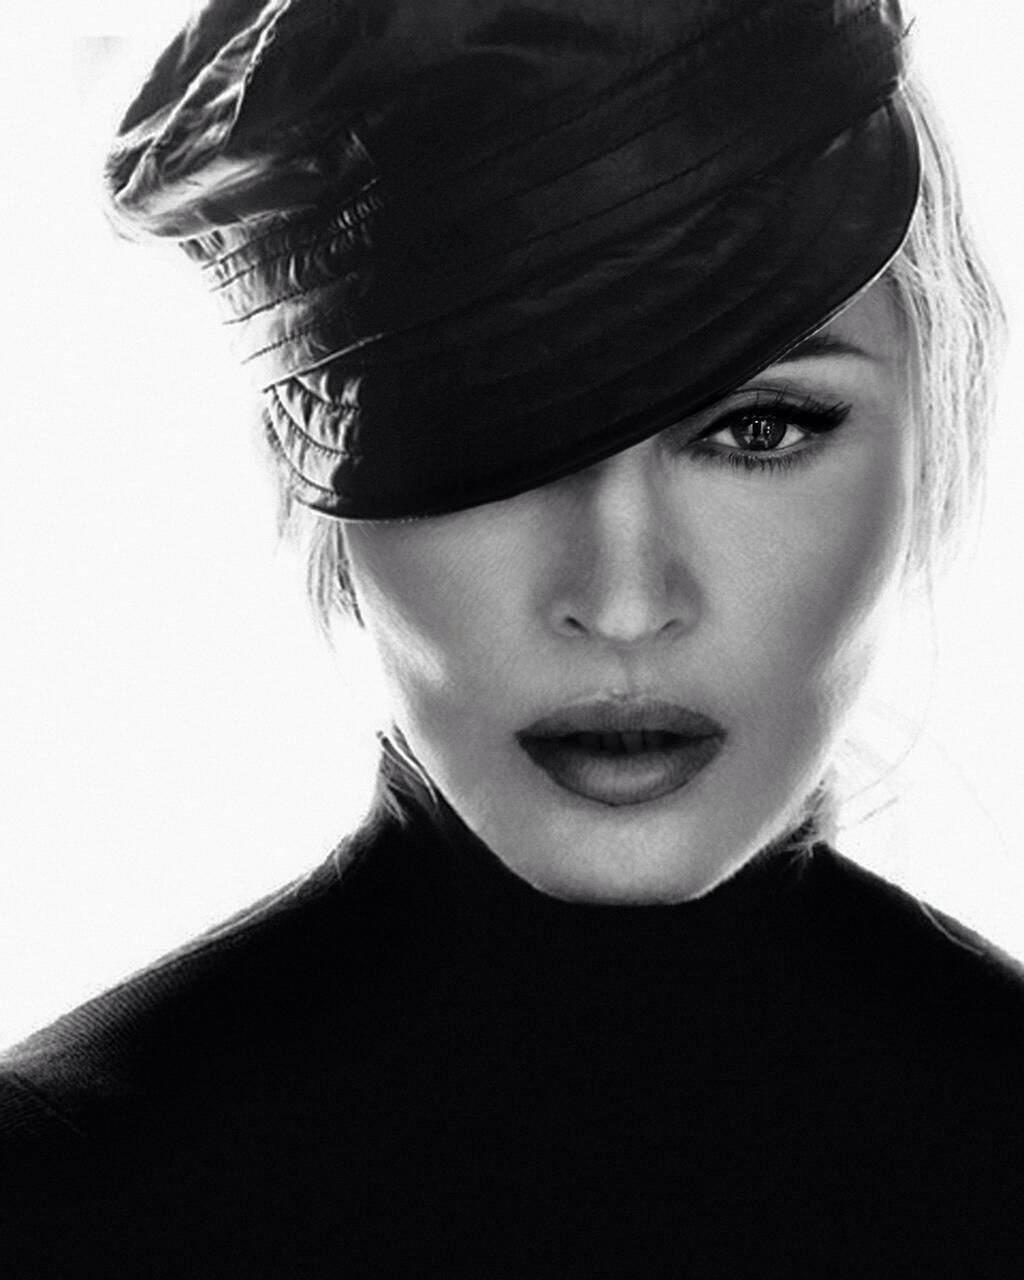 Рок образ Мадонны